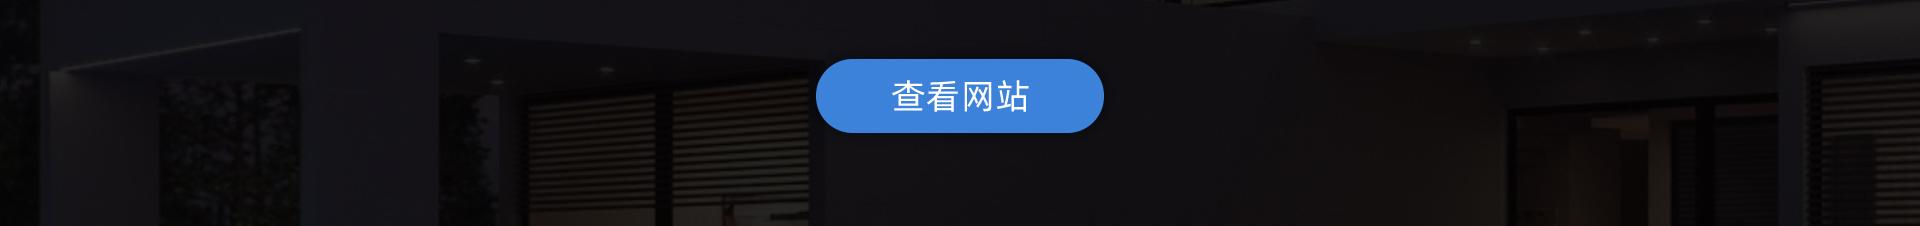 河北-崔芳凝-崔芳凝——标准版--kapa-有手机版_02